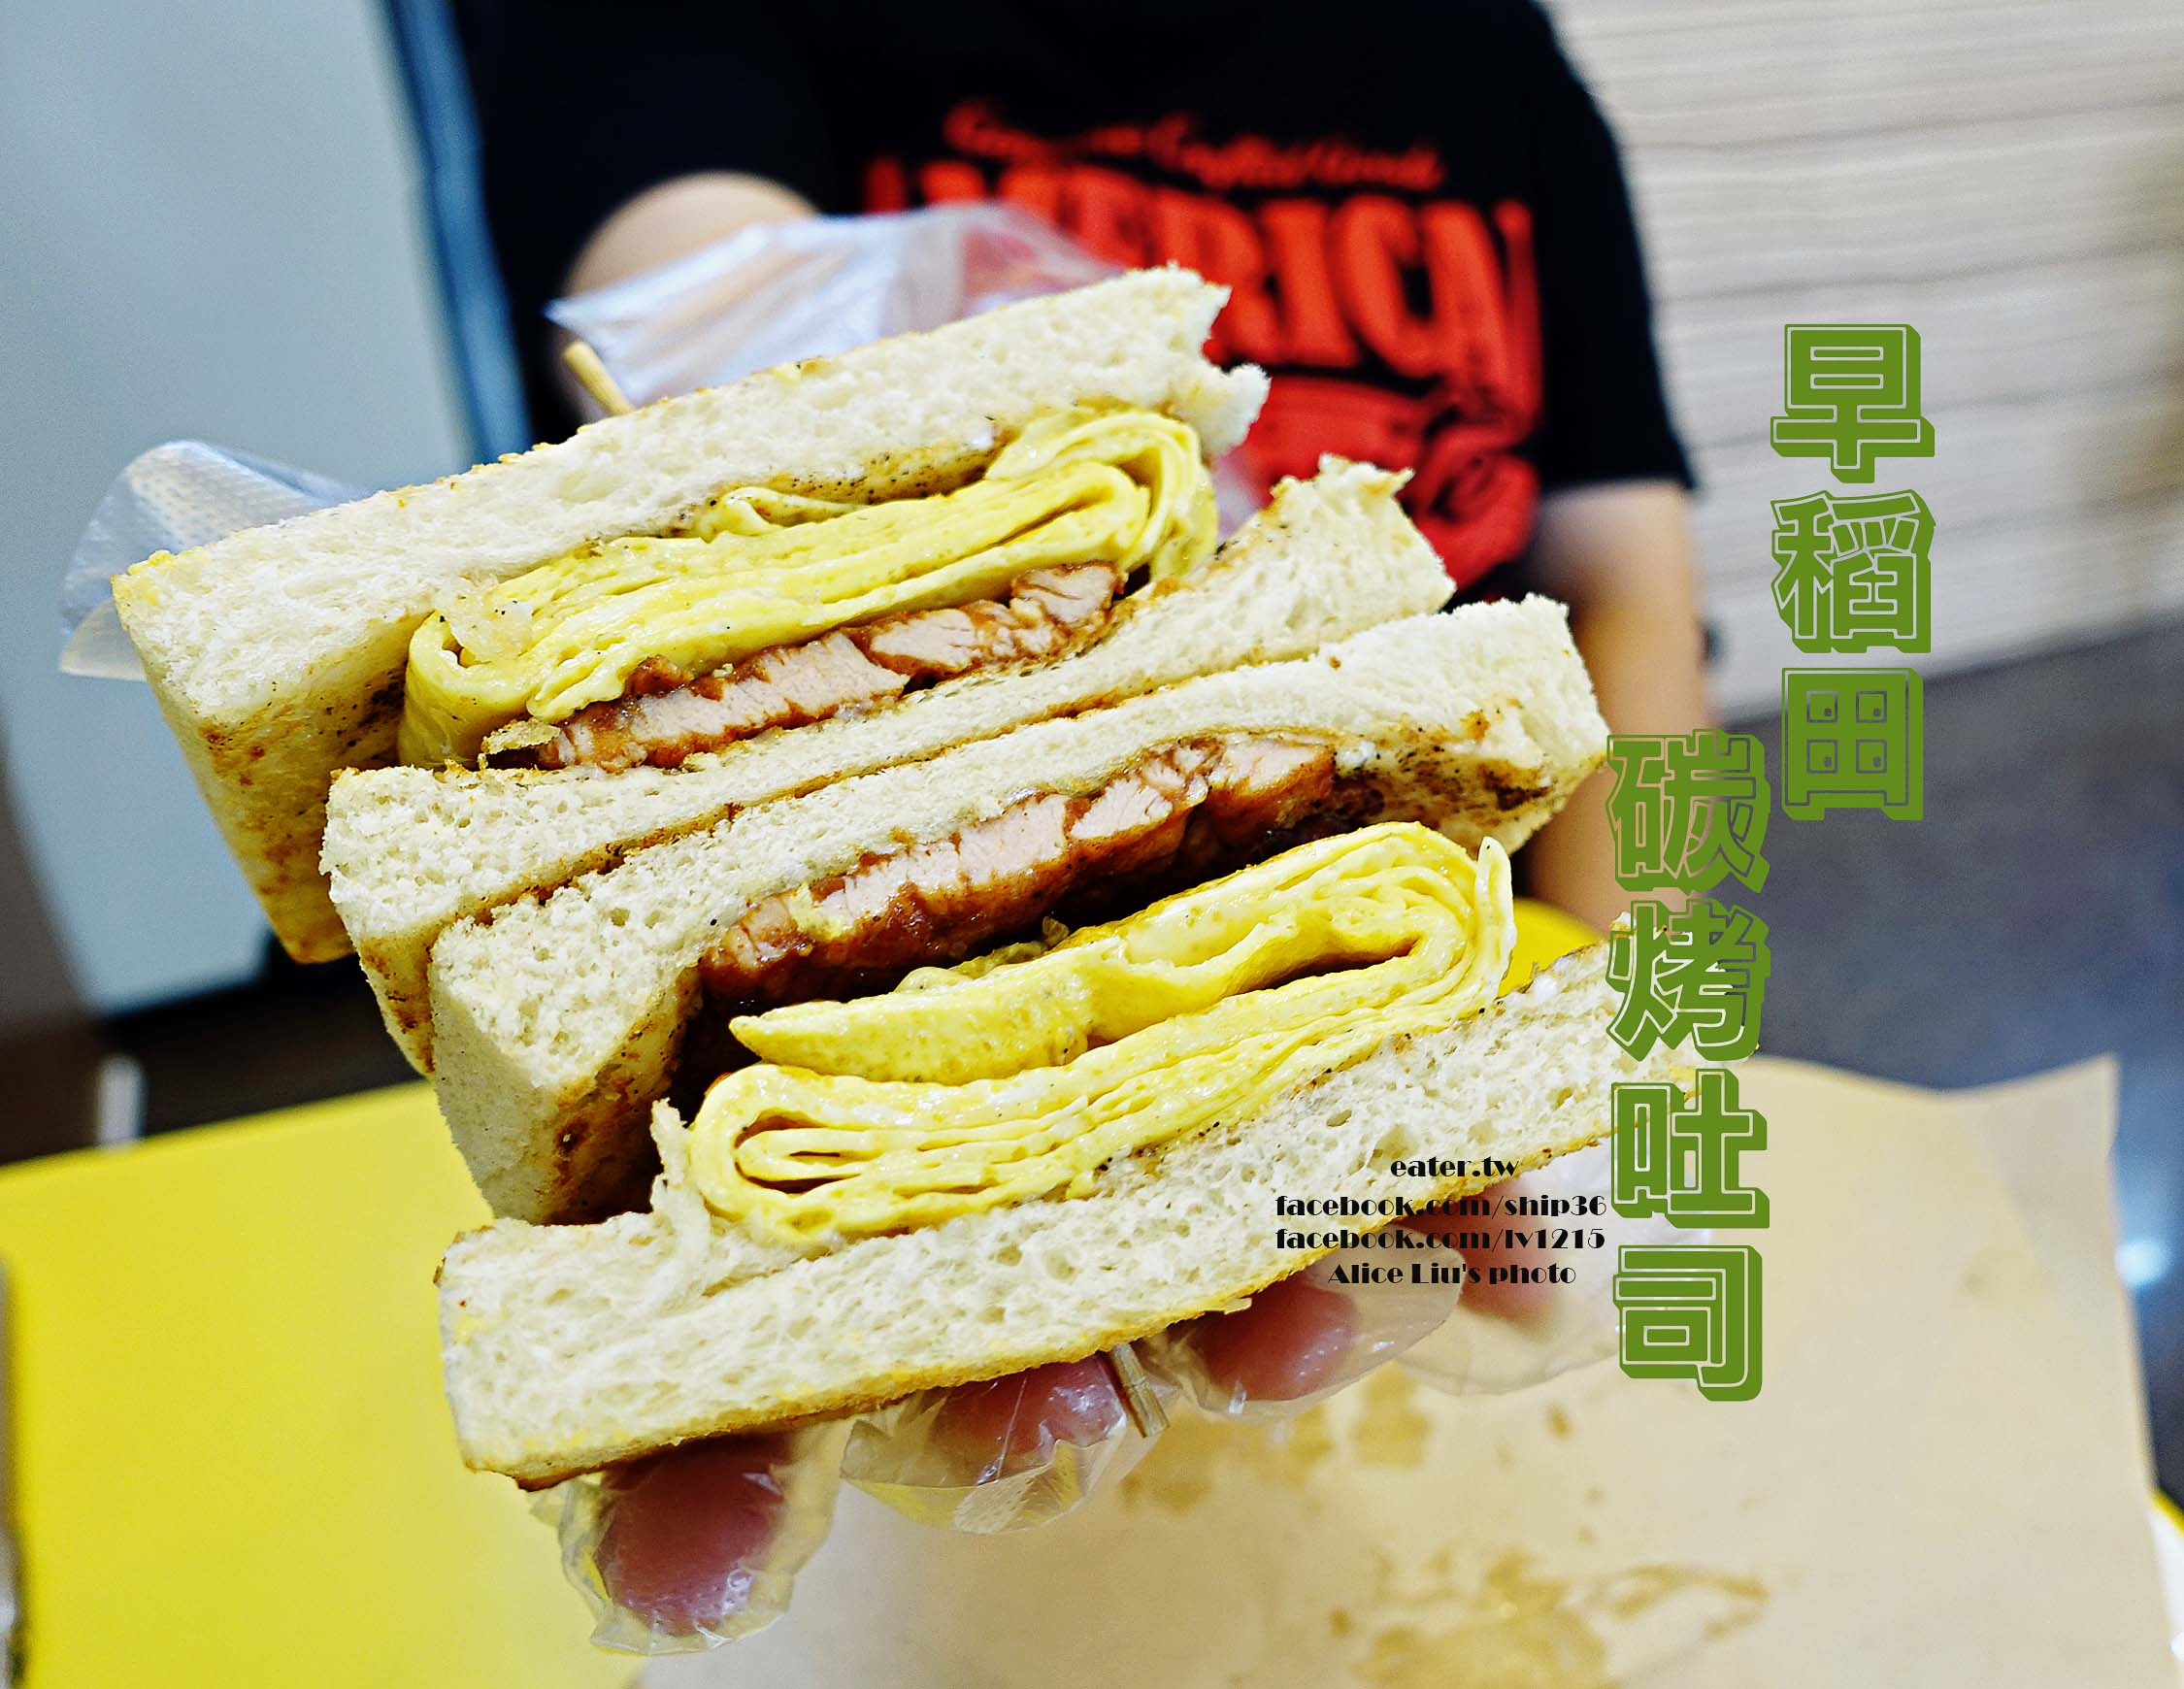 【桃園食記】早稻田碳烤吐司專賣 吐司用龍眼木碳烤才是王道